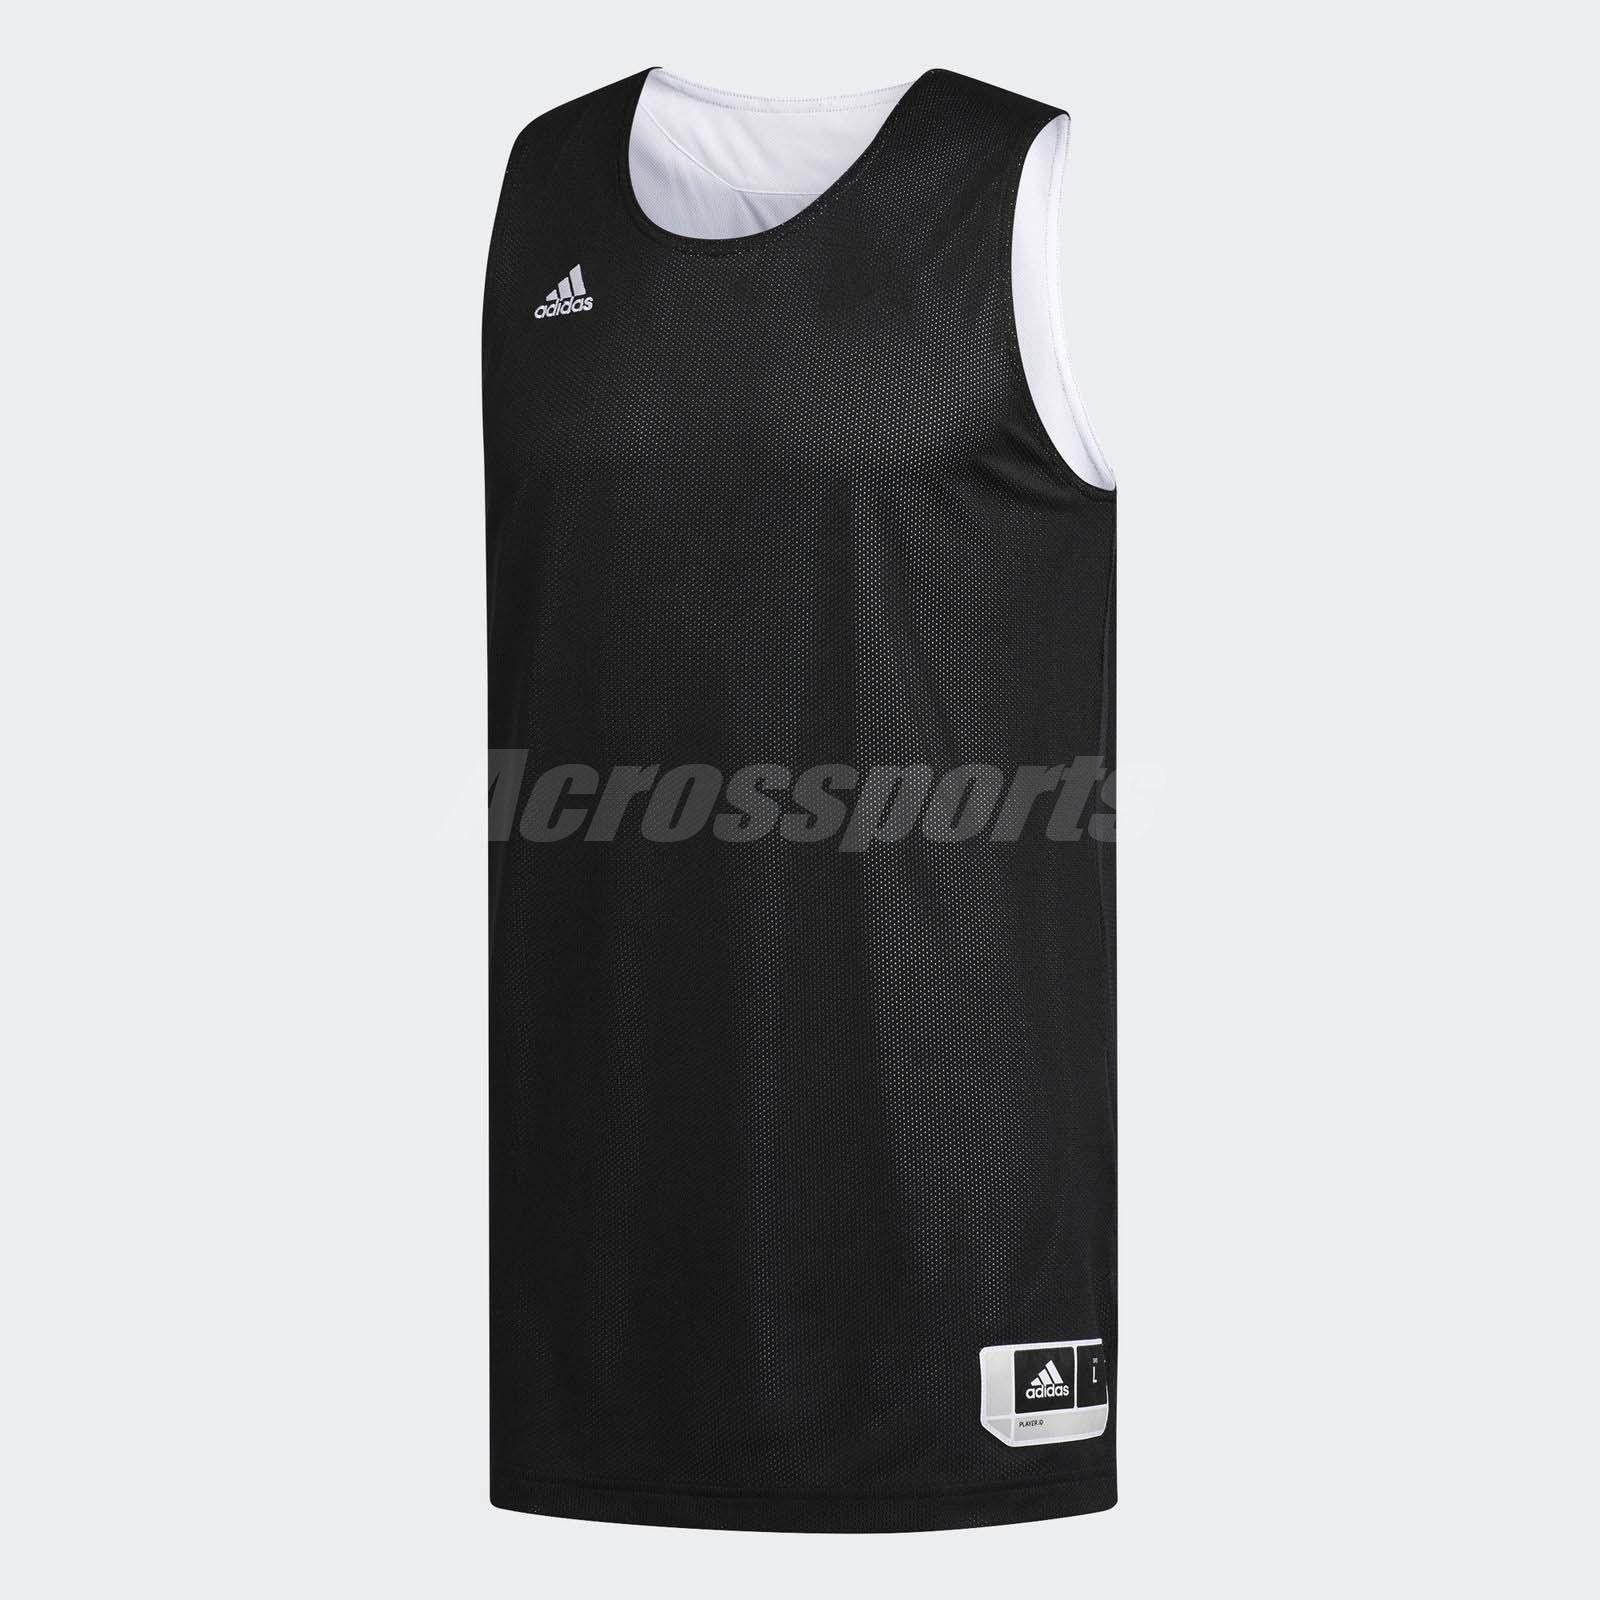 eb68b9281e5074 adidas Men Reversible Crazy Explosive Jersey Tank Sport Gym Black White  CD8699